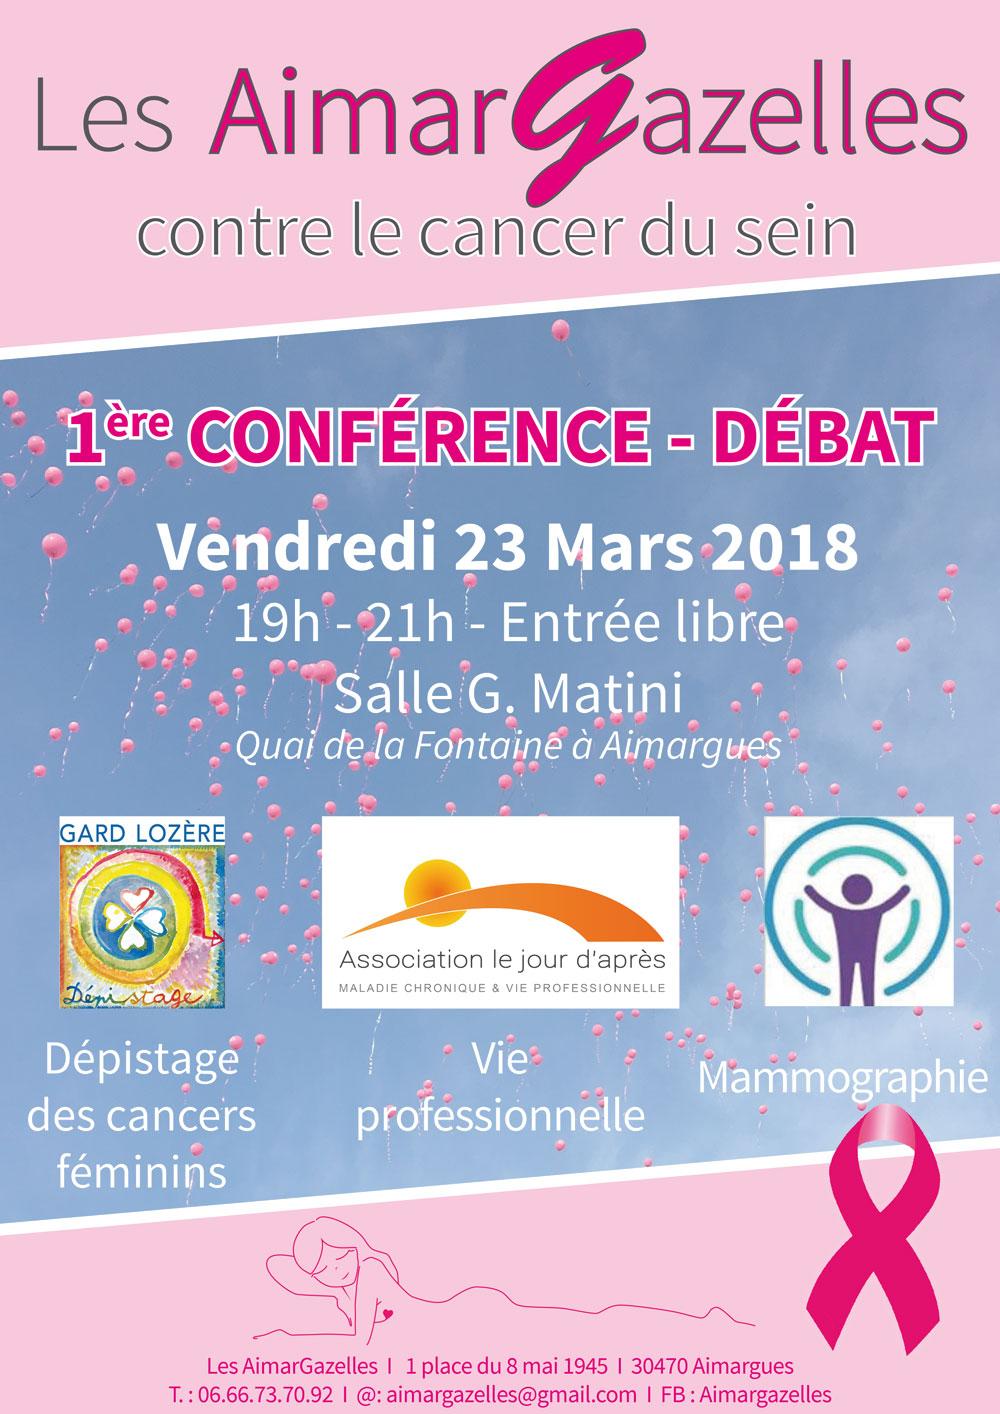 Conférence-débat des Aimargazelles @ Salle G. Martini à Aimargues | Aimargues | Occitanie | France